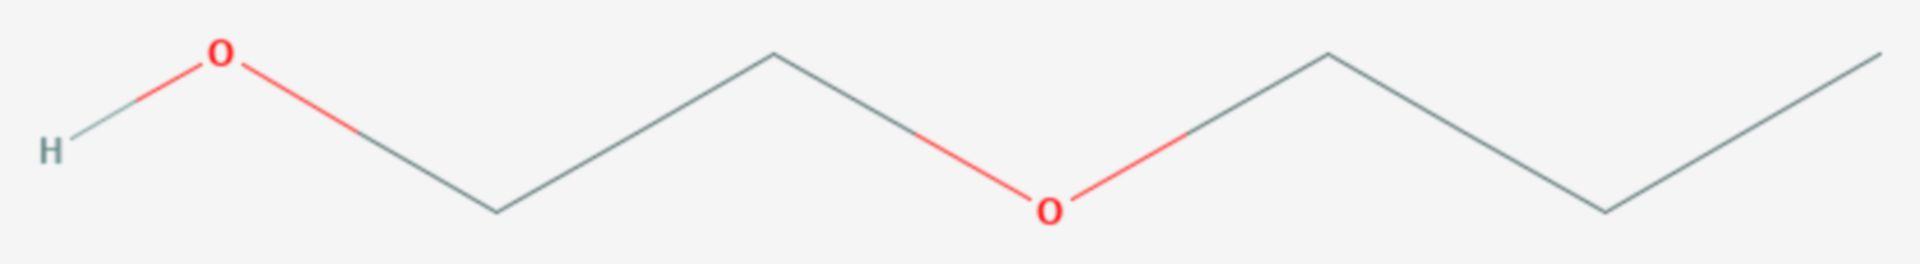 Ethylenglycolmonopropylether (Strukturformel)